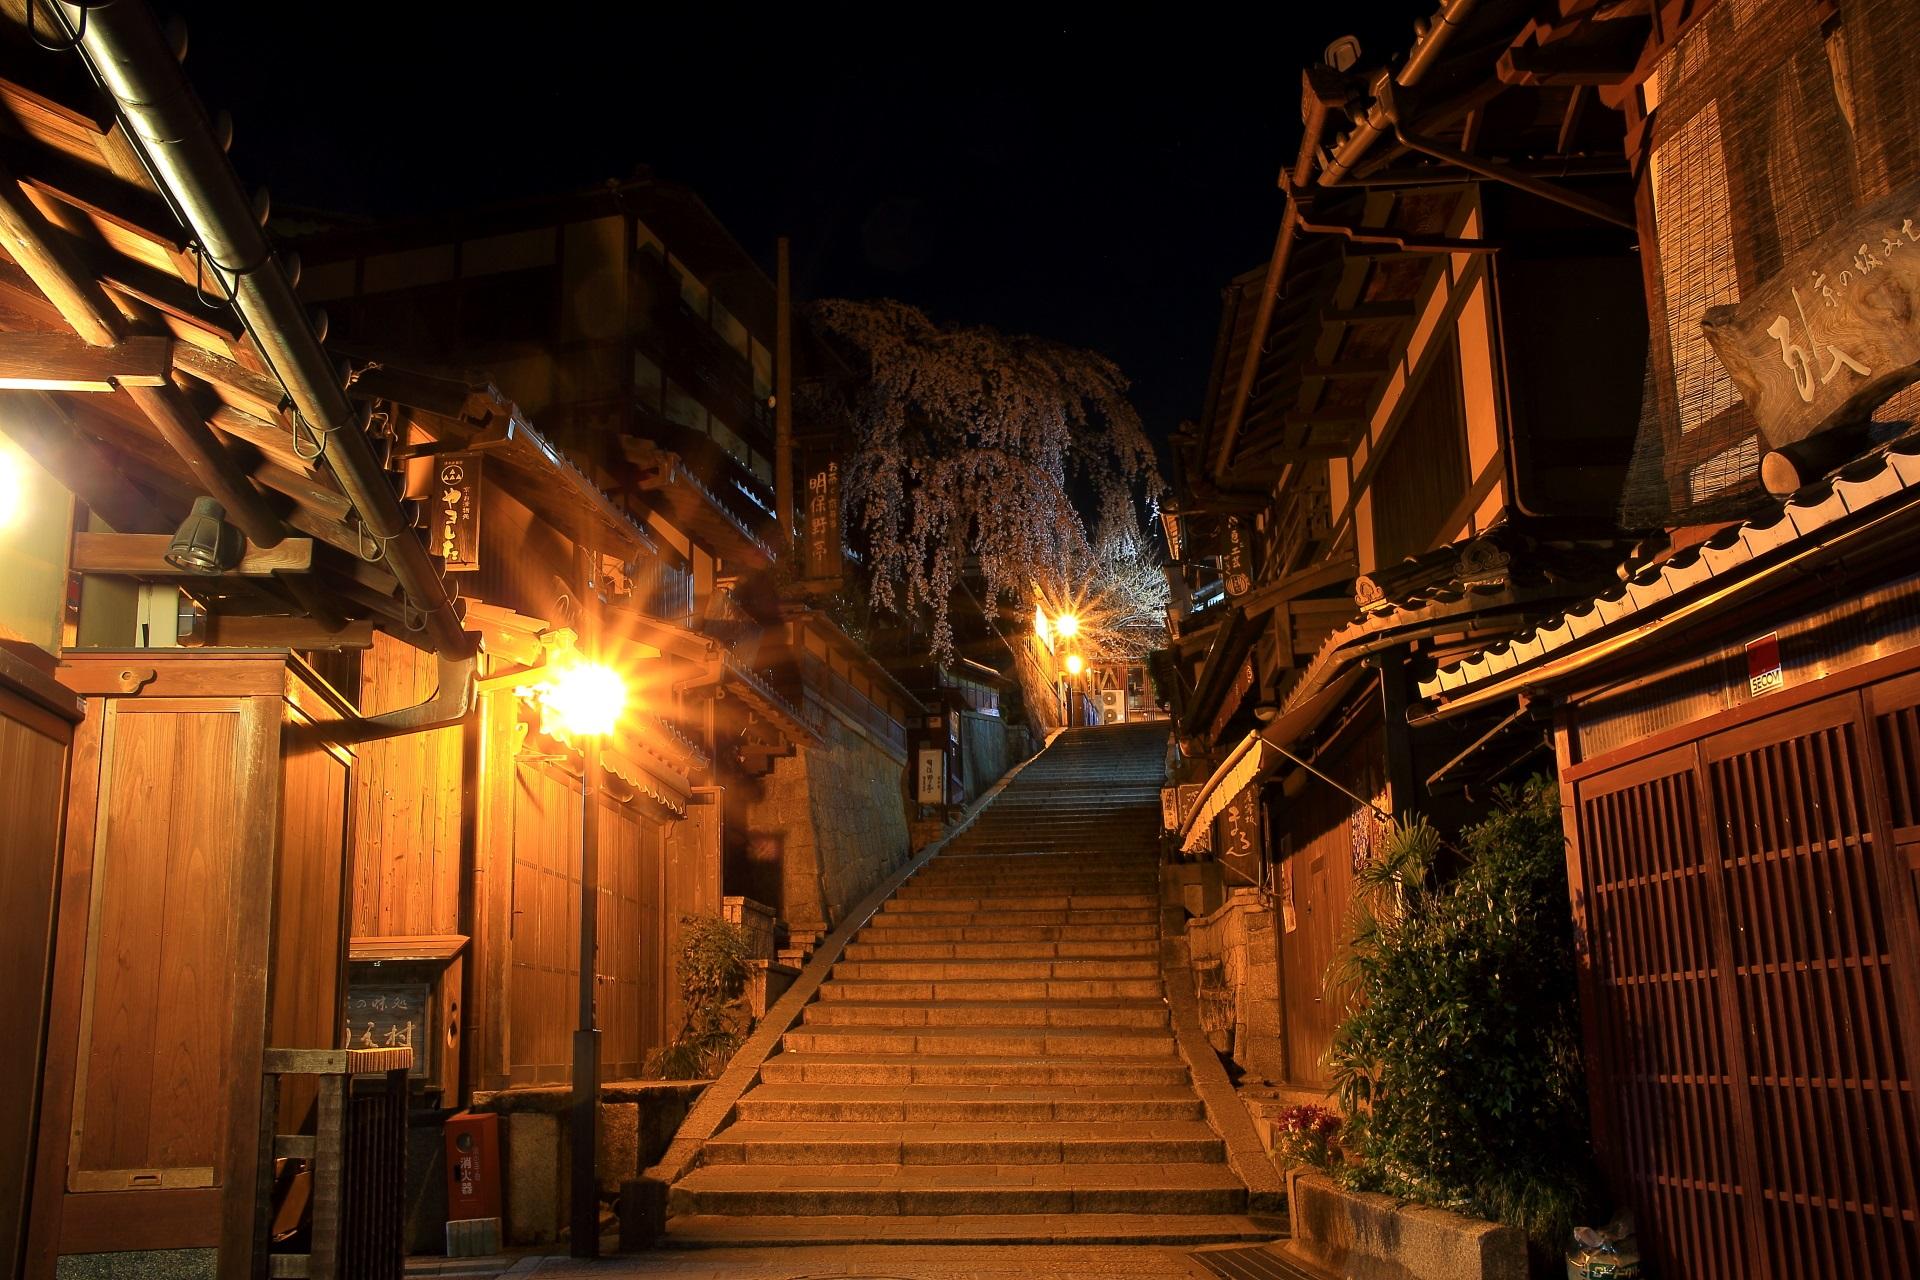 夜中のためひっそりとしている京都っぽい街並みの産寧坂と夜桜